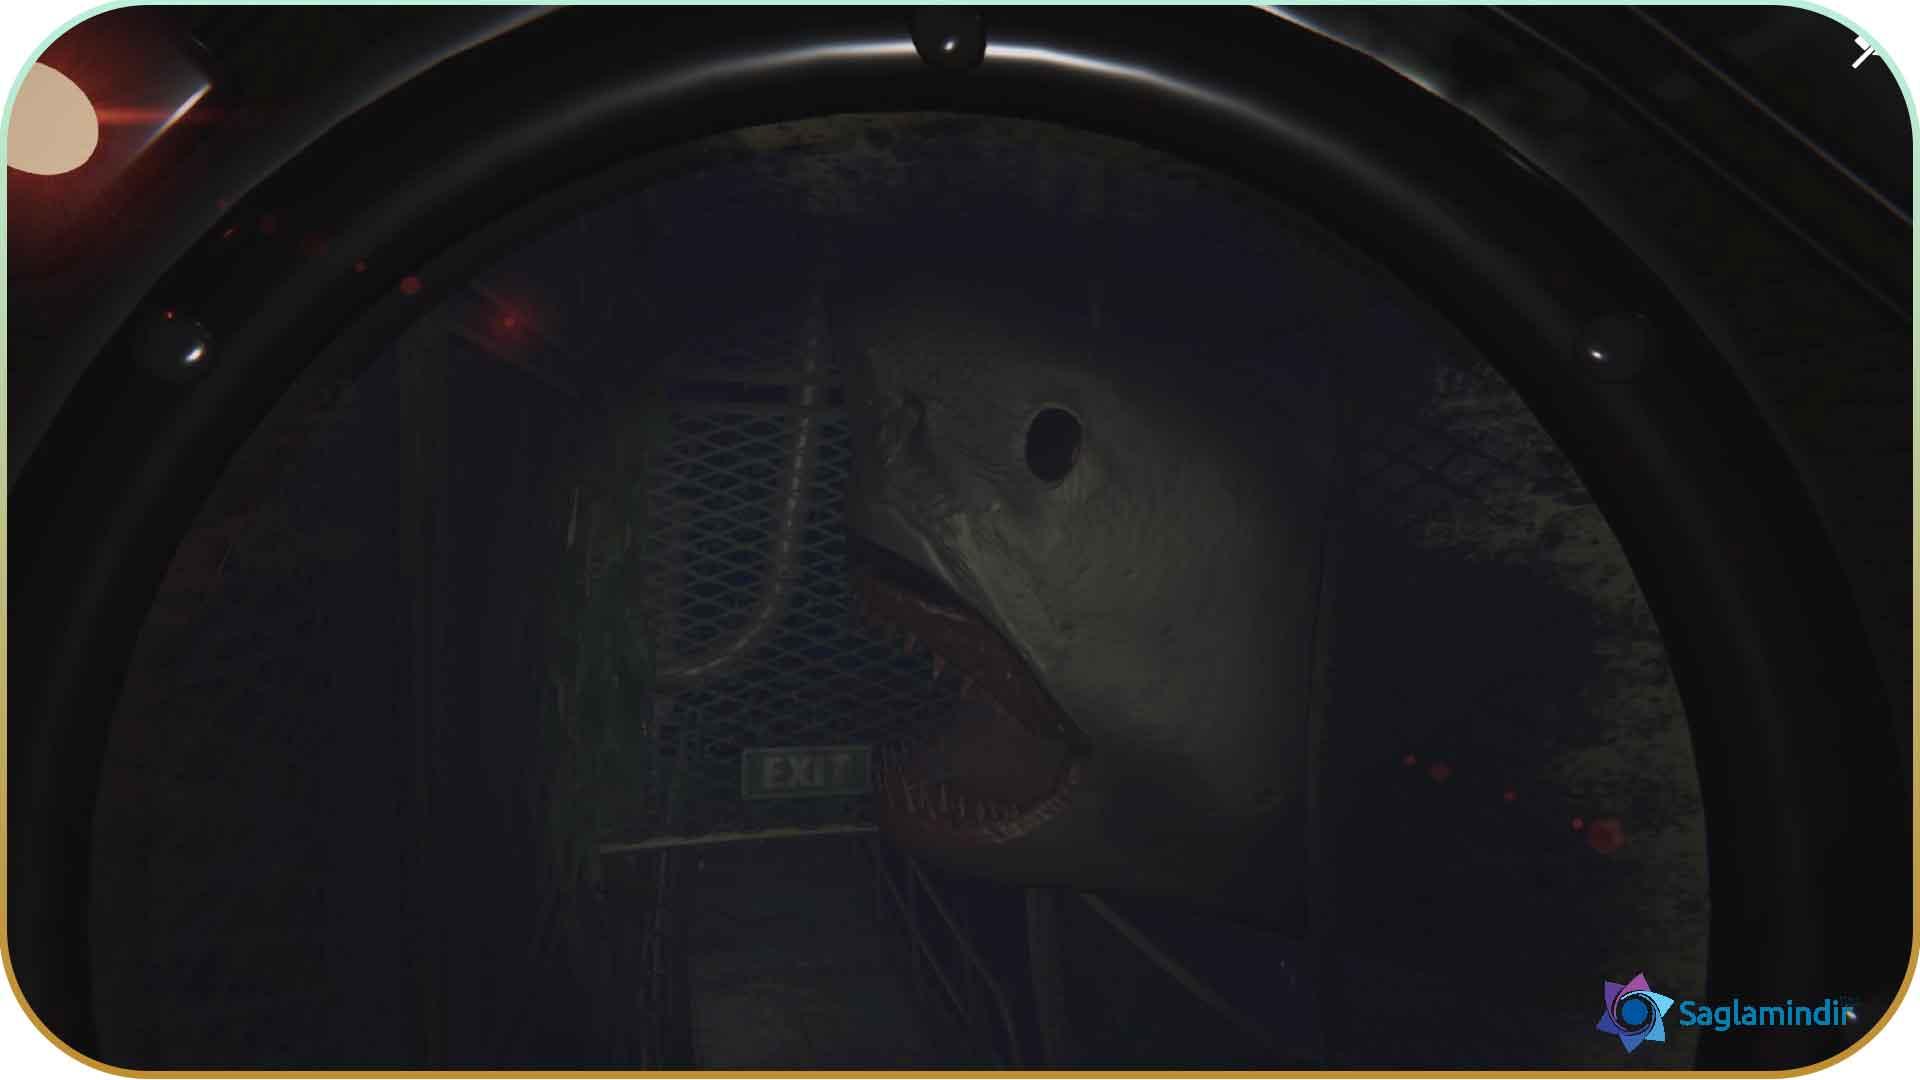 Submersed saglamindir